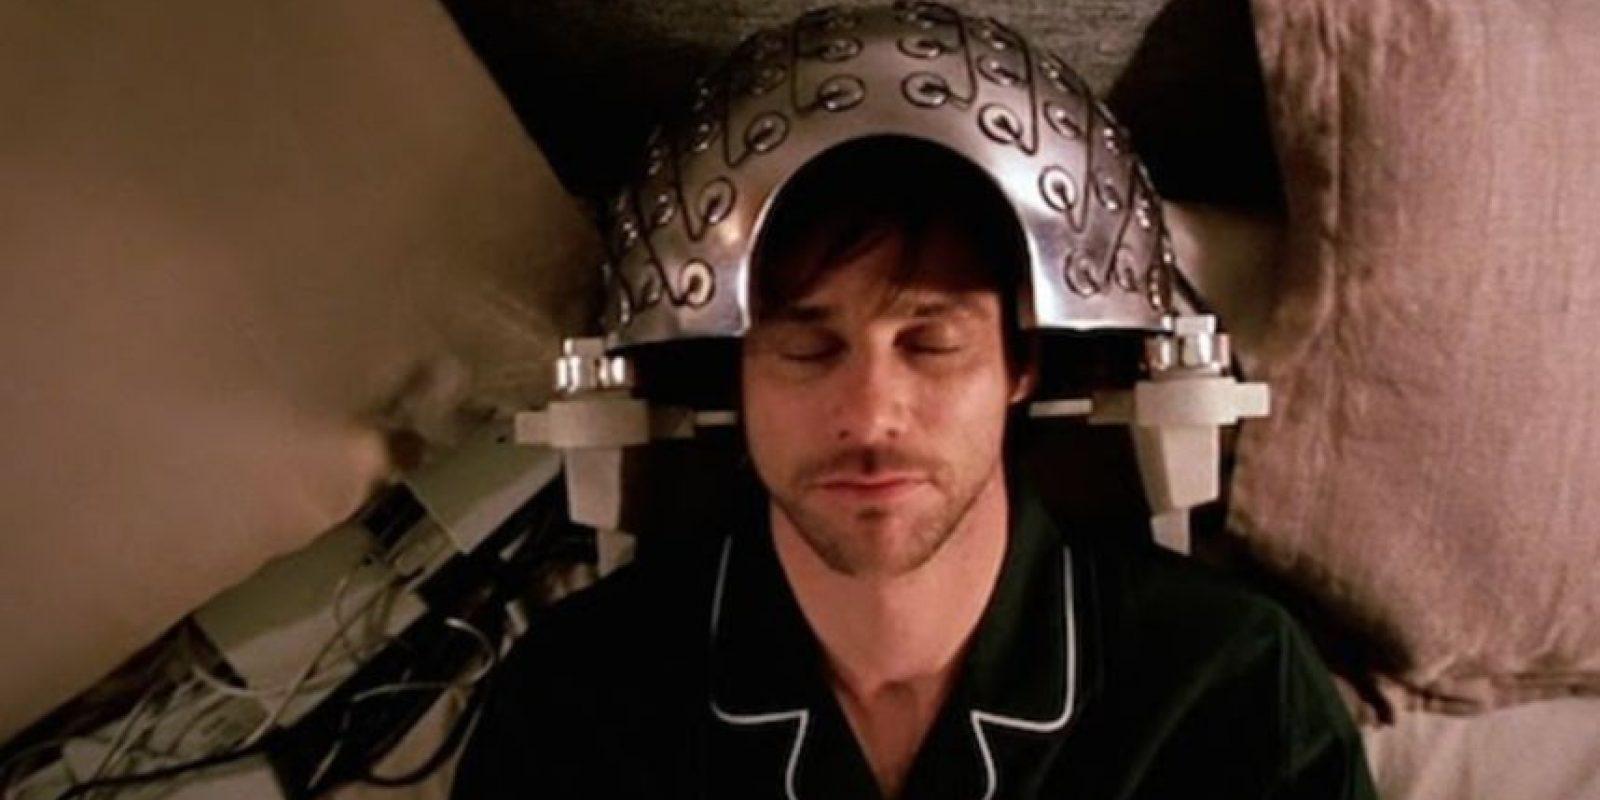 Cascos para analizar el cerebro y su actividad. Foto:YouTube